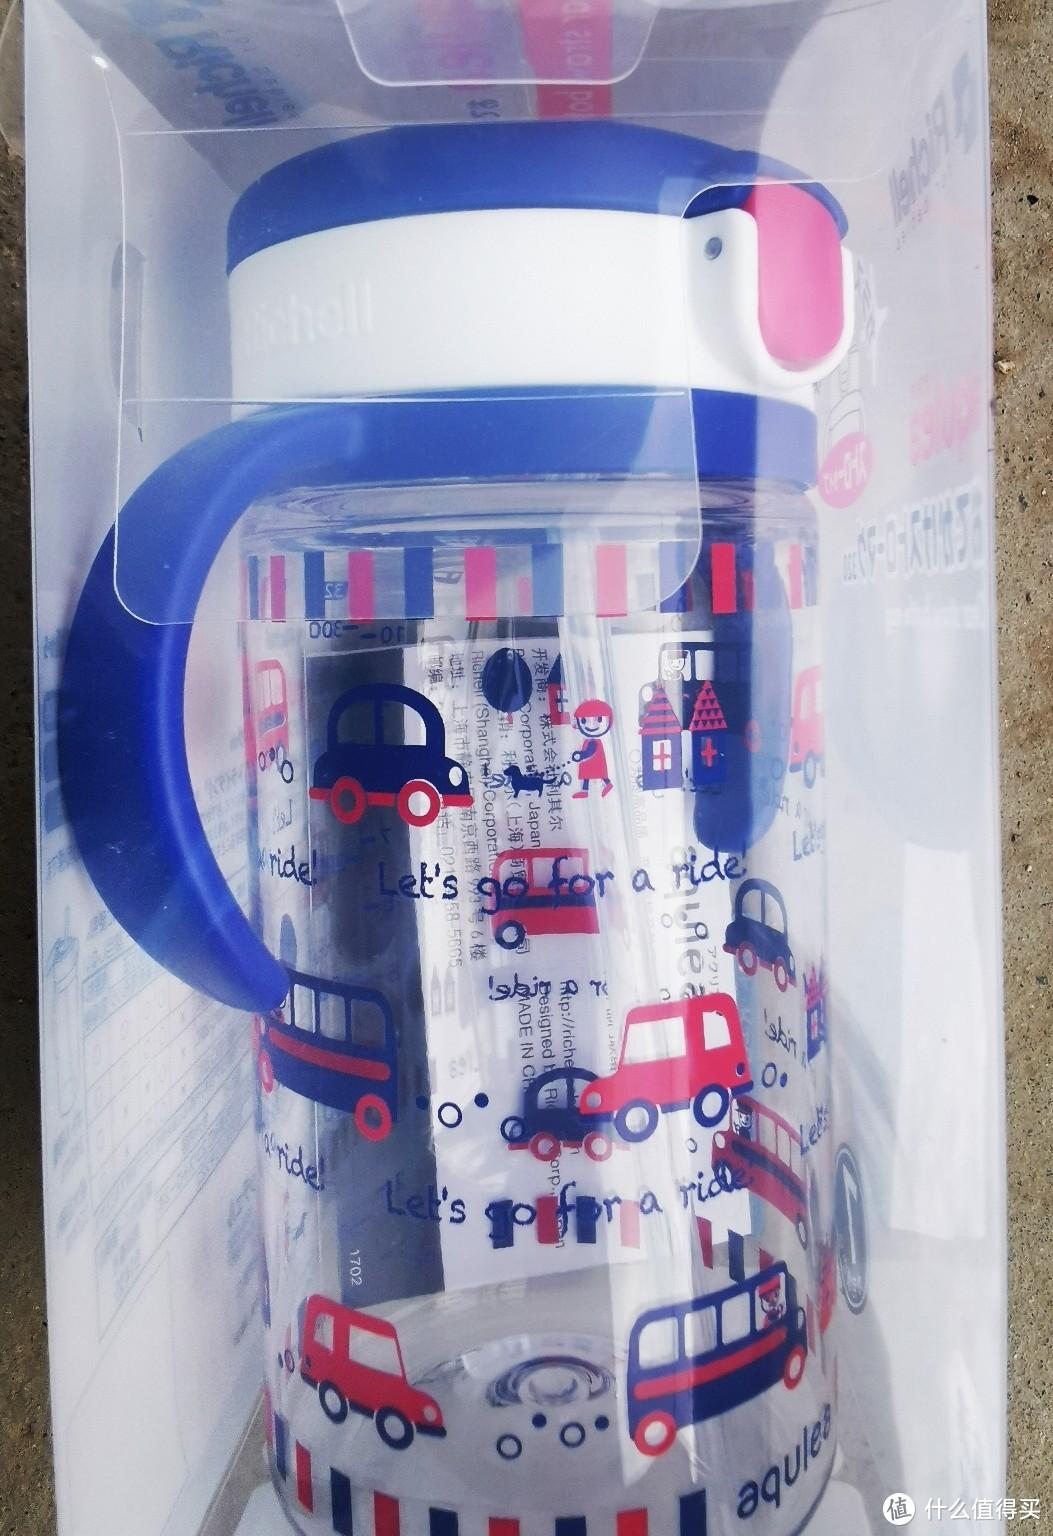 利其尔儿童保温杯及水杯,颜值和内涵均在线。